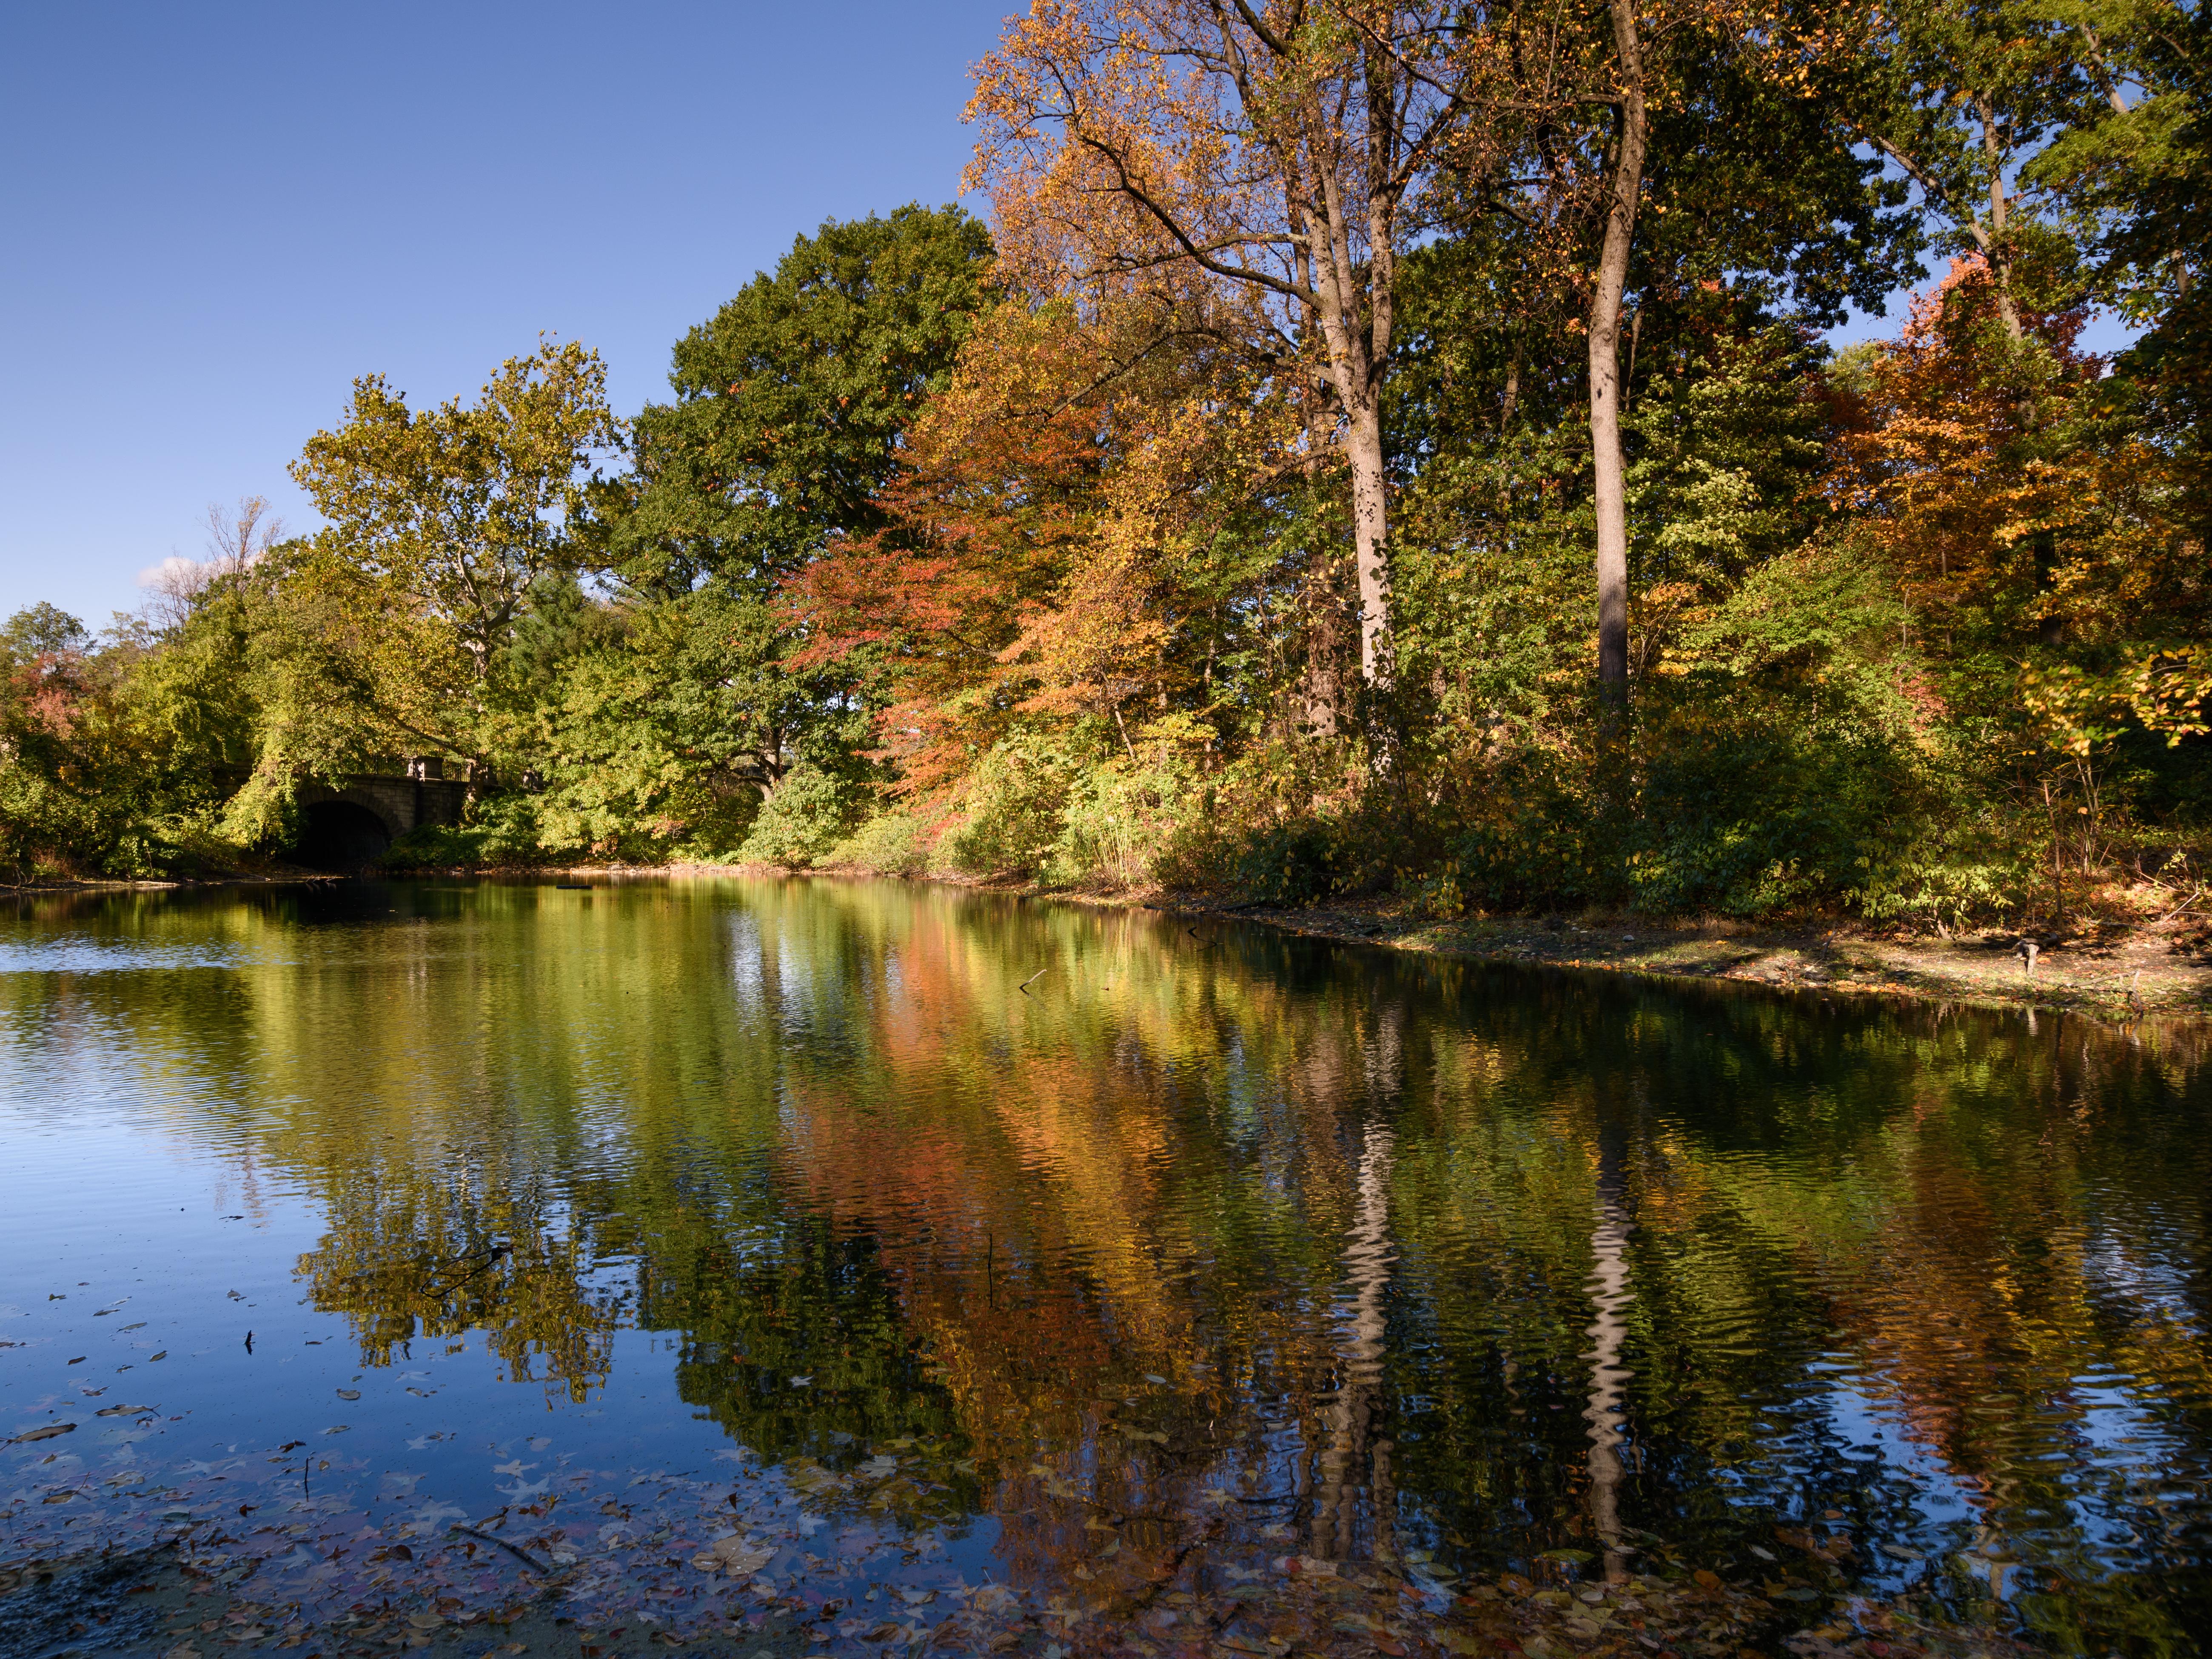 File:New York Botanical Garden October 2016 007.jpg - Wikimedia Commons